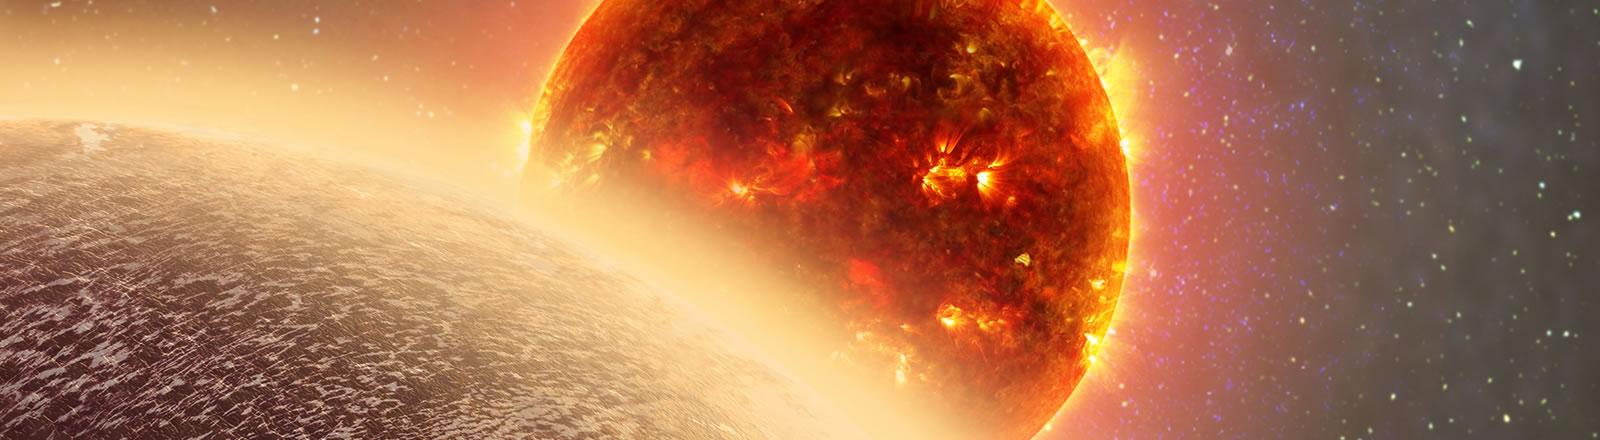 Eine Grafik eines Planeten vor einem Stern.